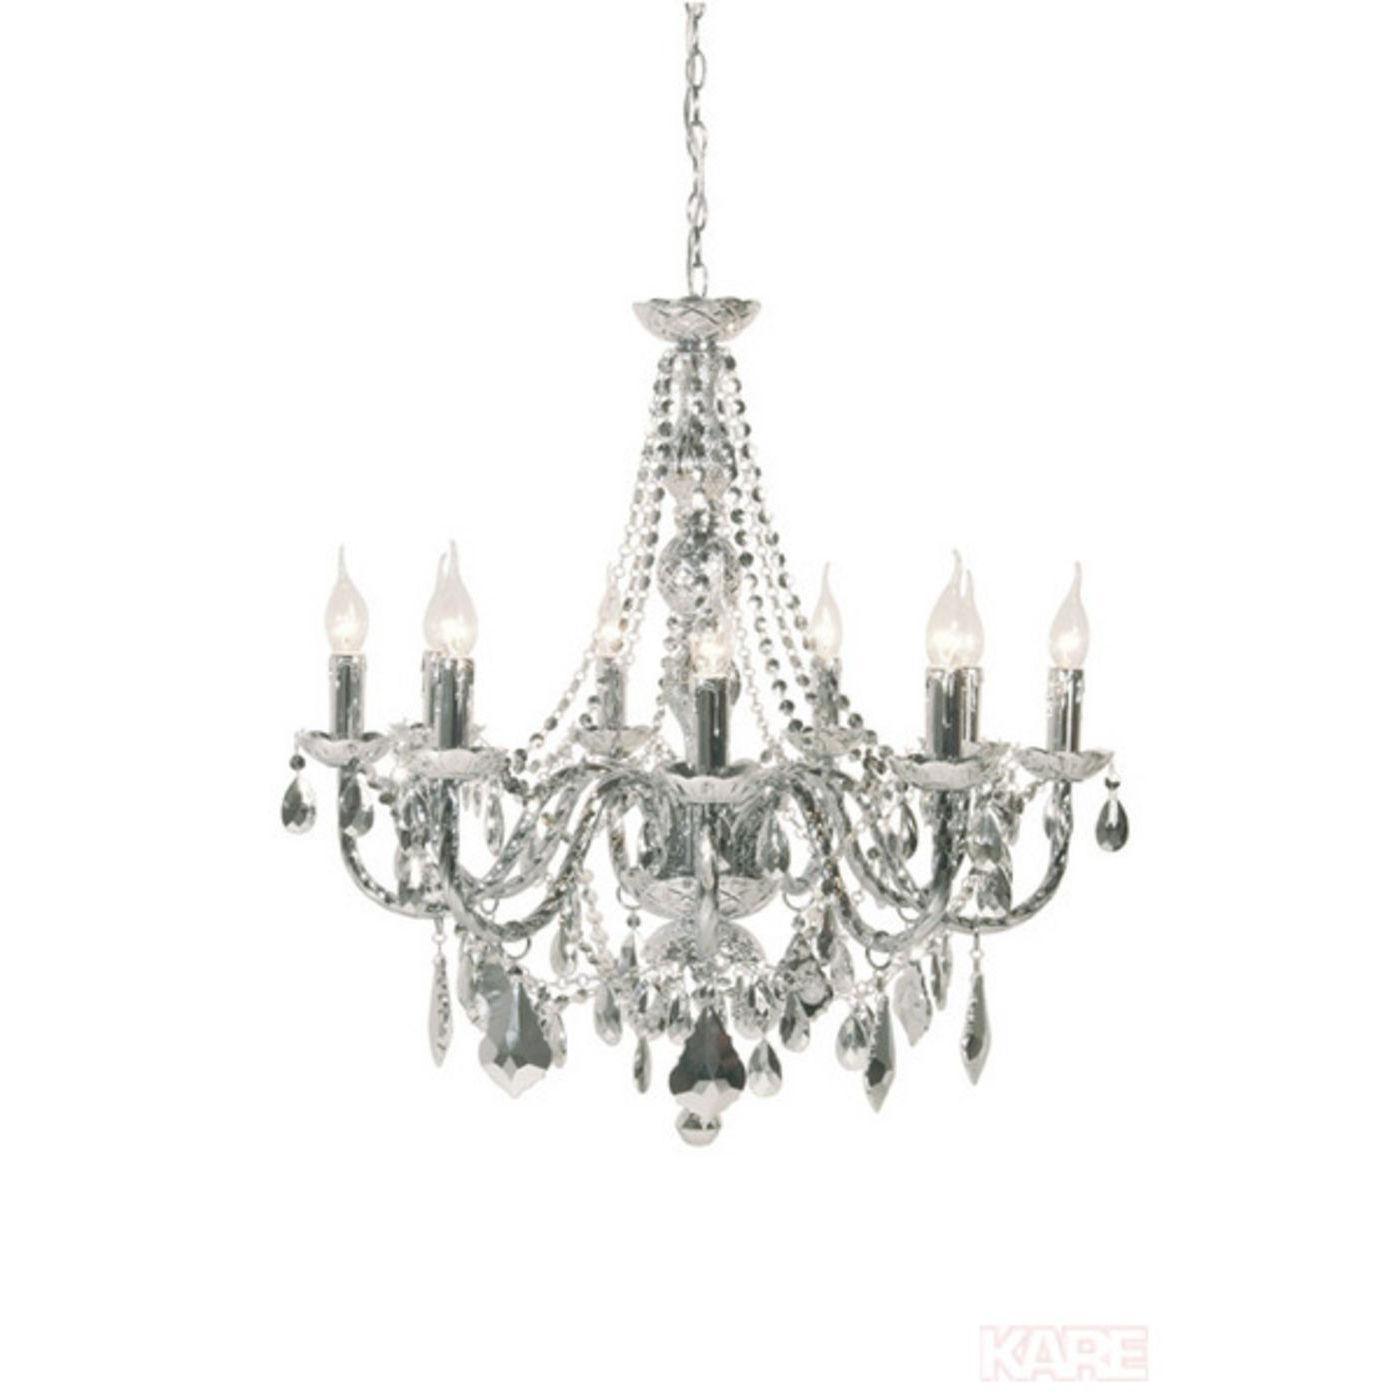 Billede af Kare Design Loftslampe, Gioiello